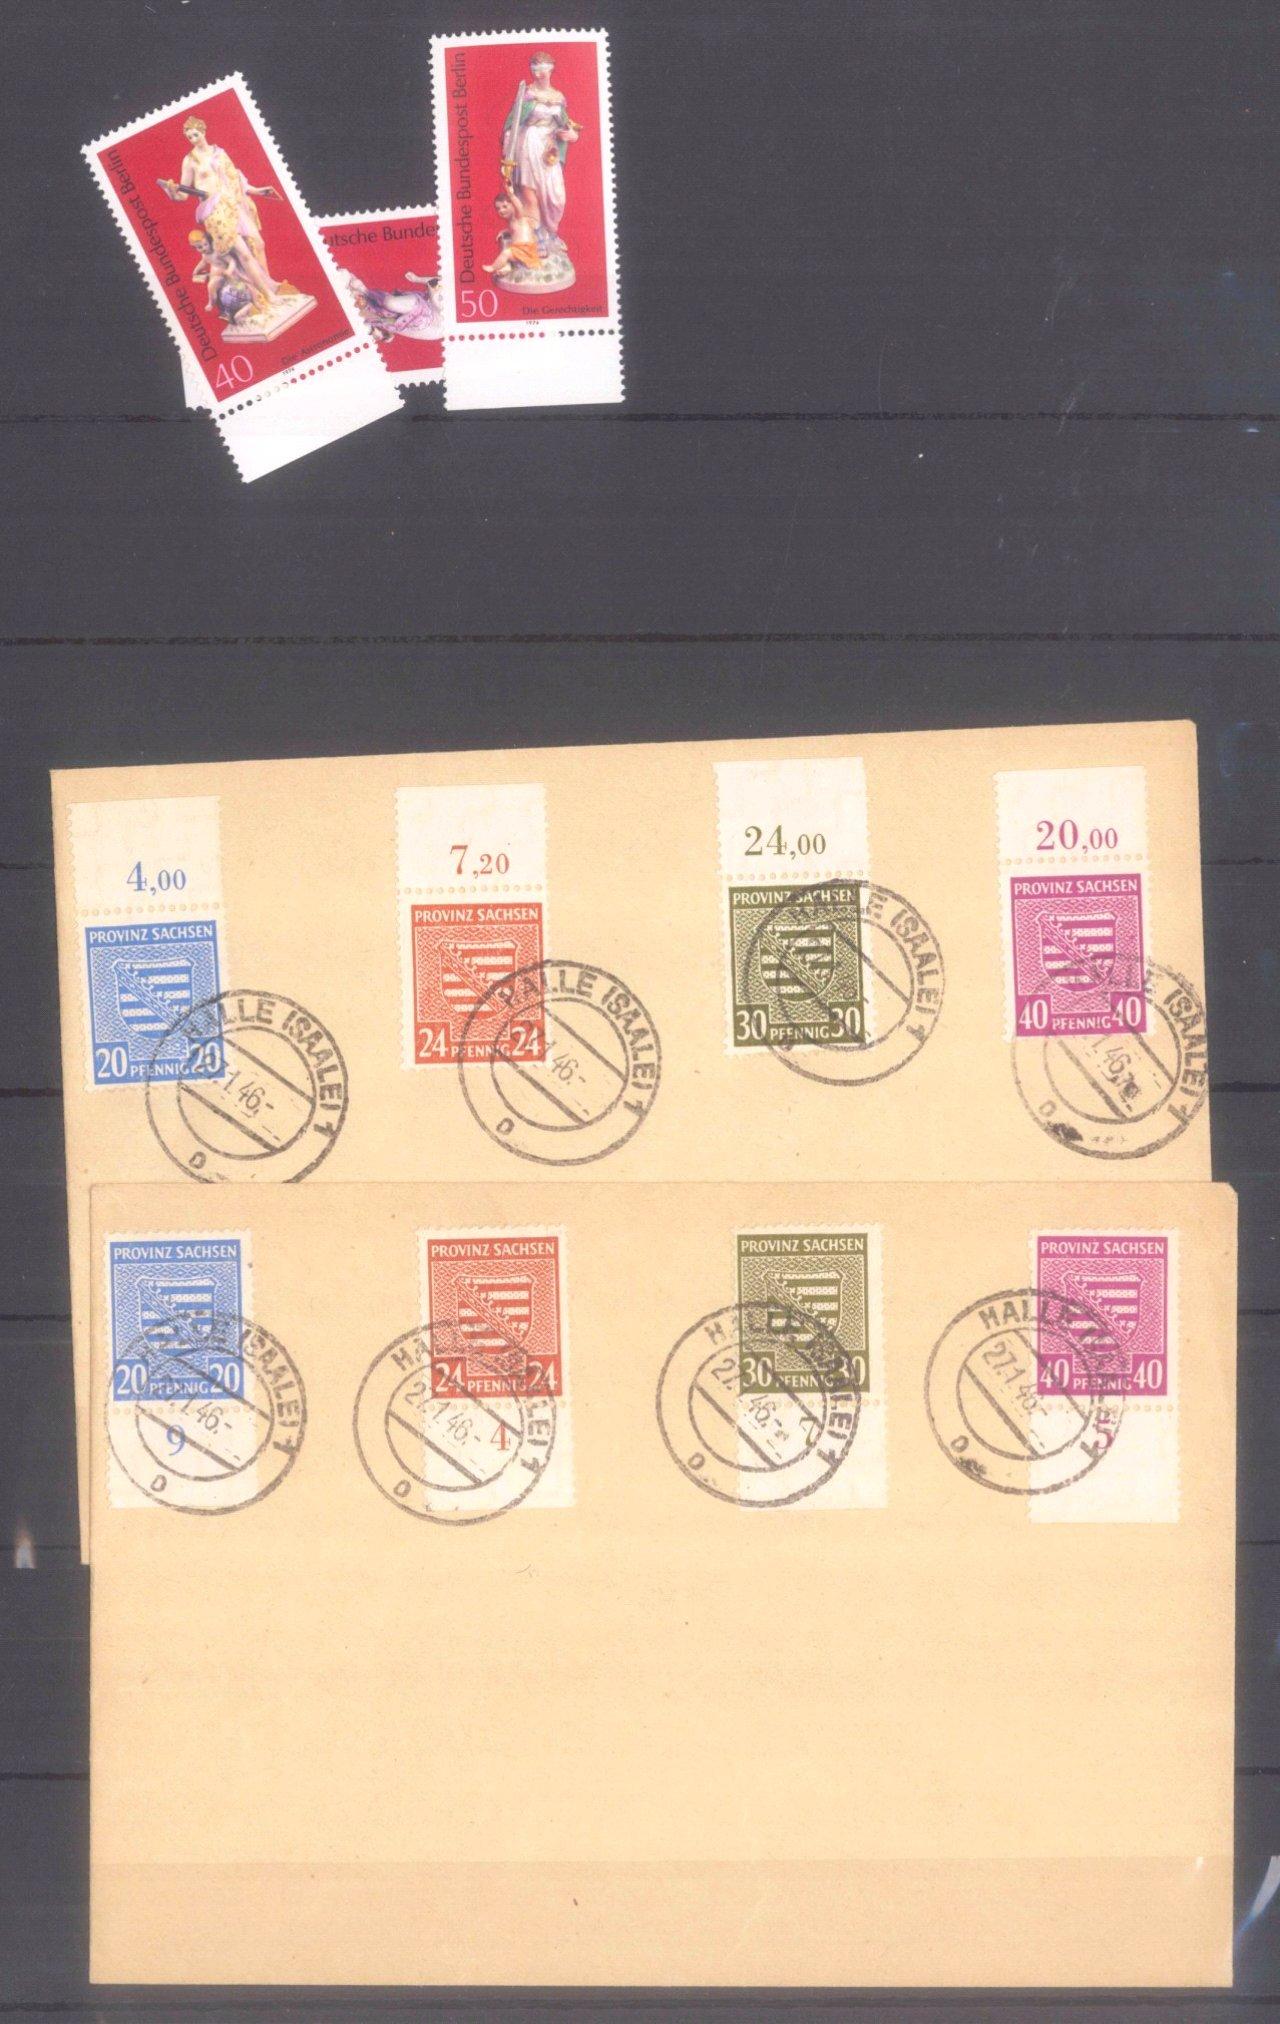 Mannheimer Briefmarkennachlass-35